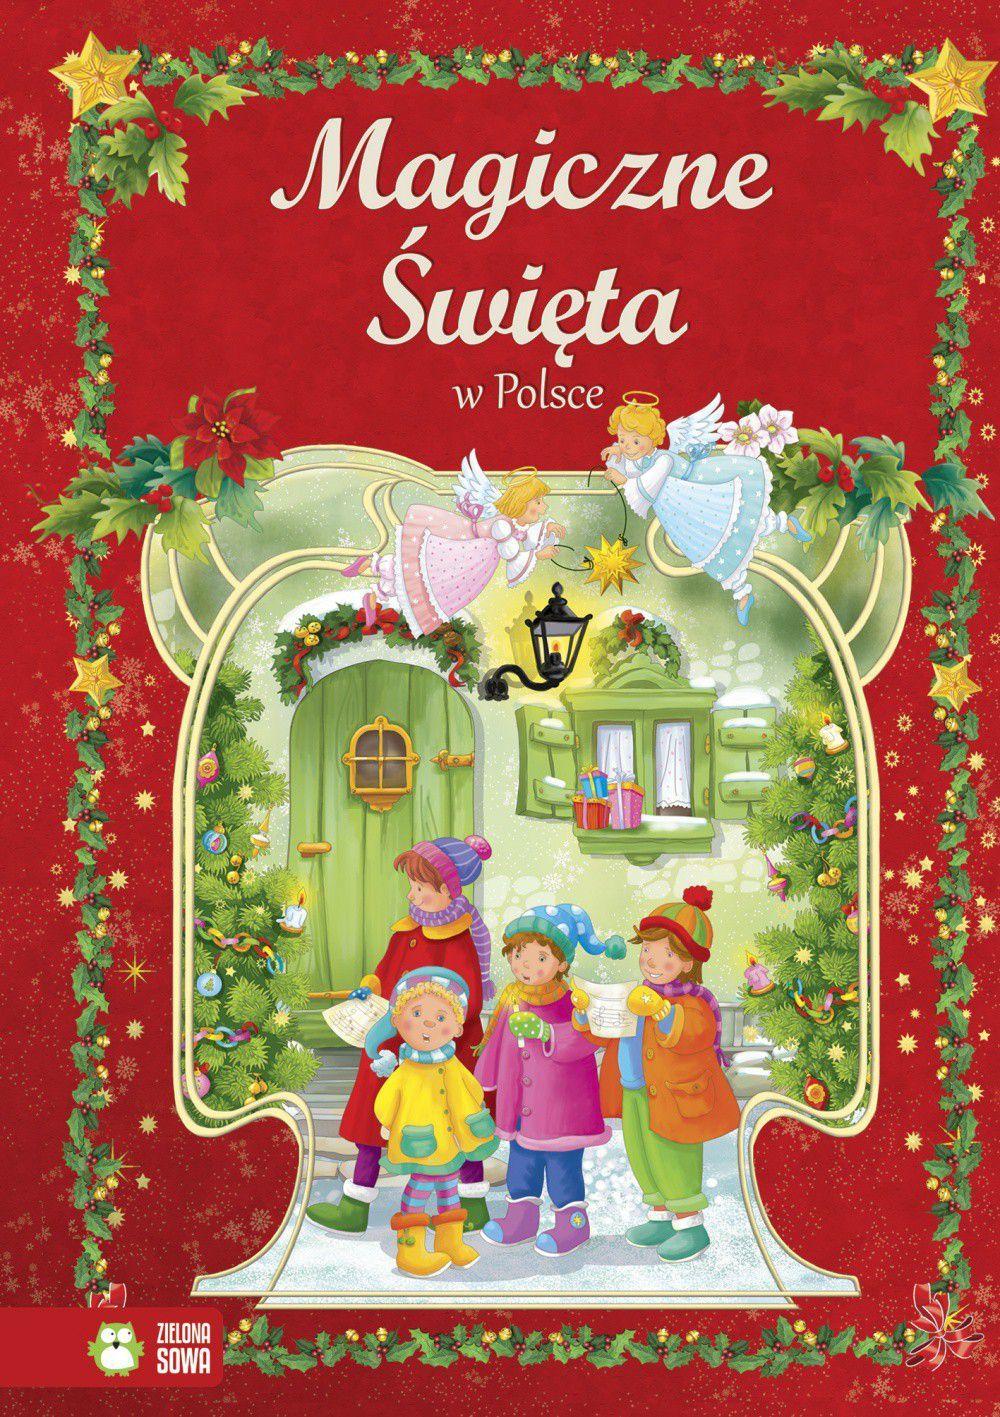 Magiczne swieta w Polsce 1